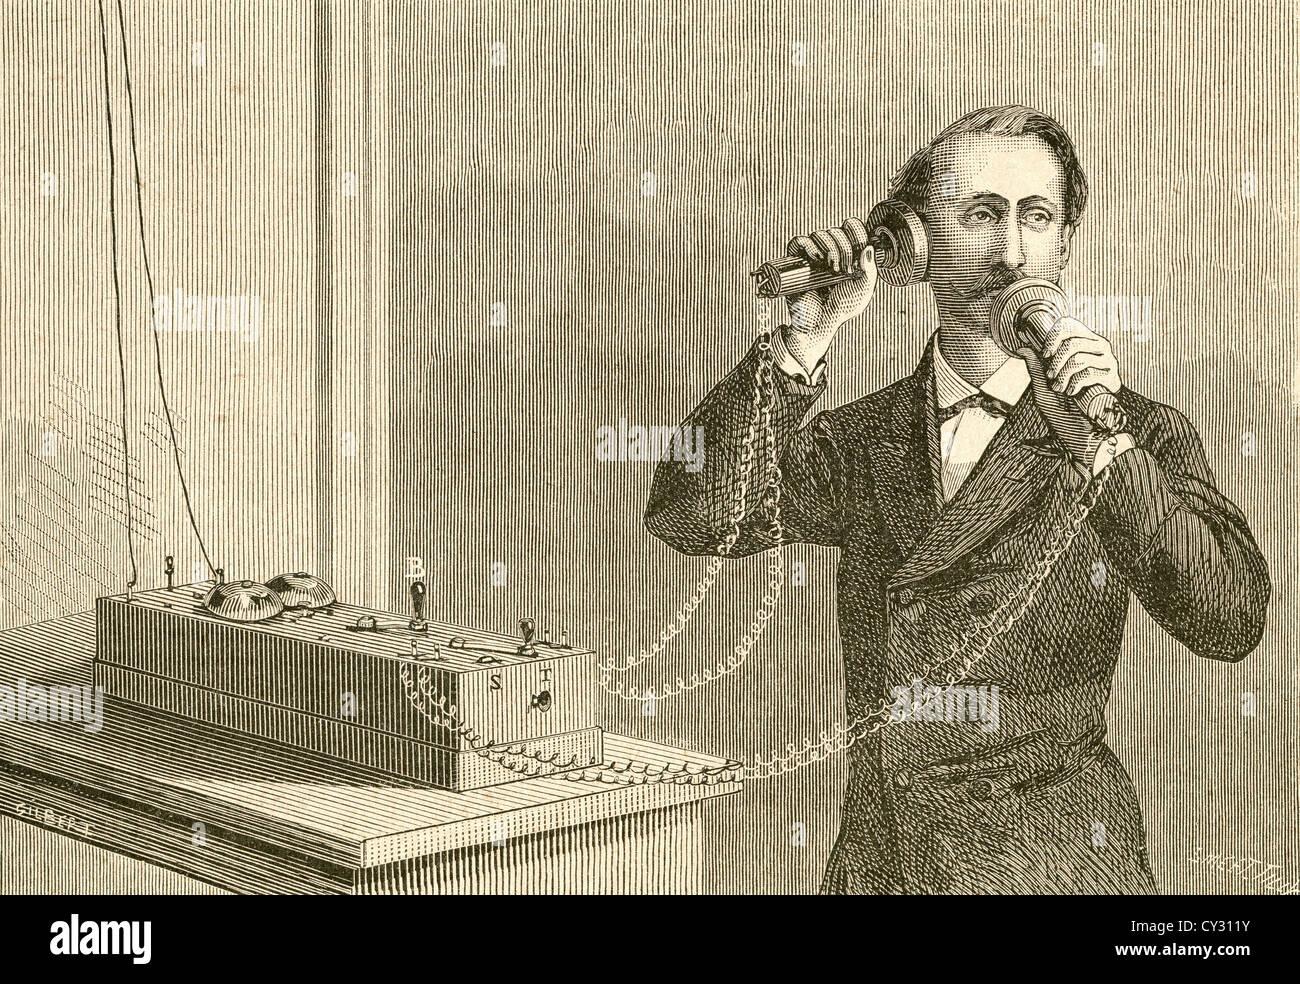 Un téléphone. Fin du xixe siècle. Photo Stock